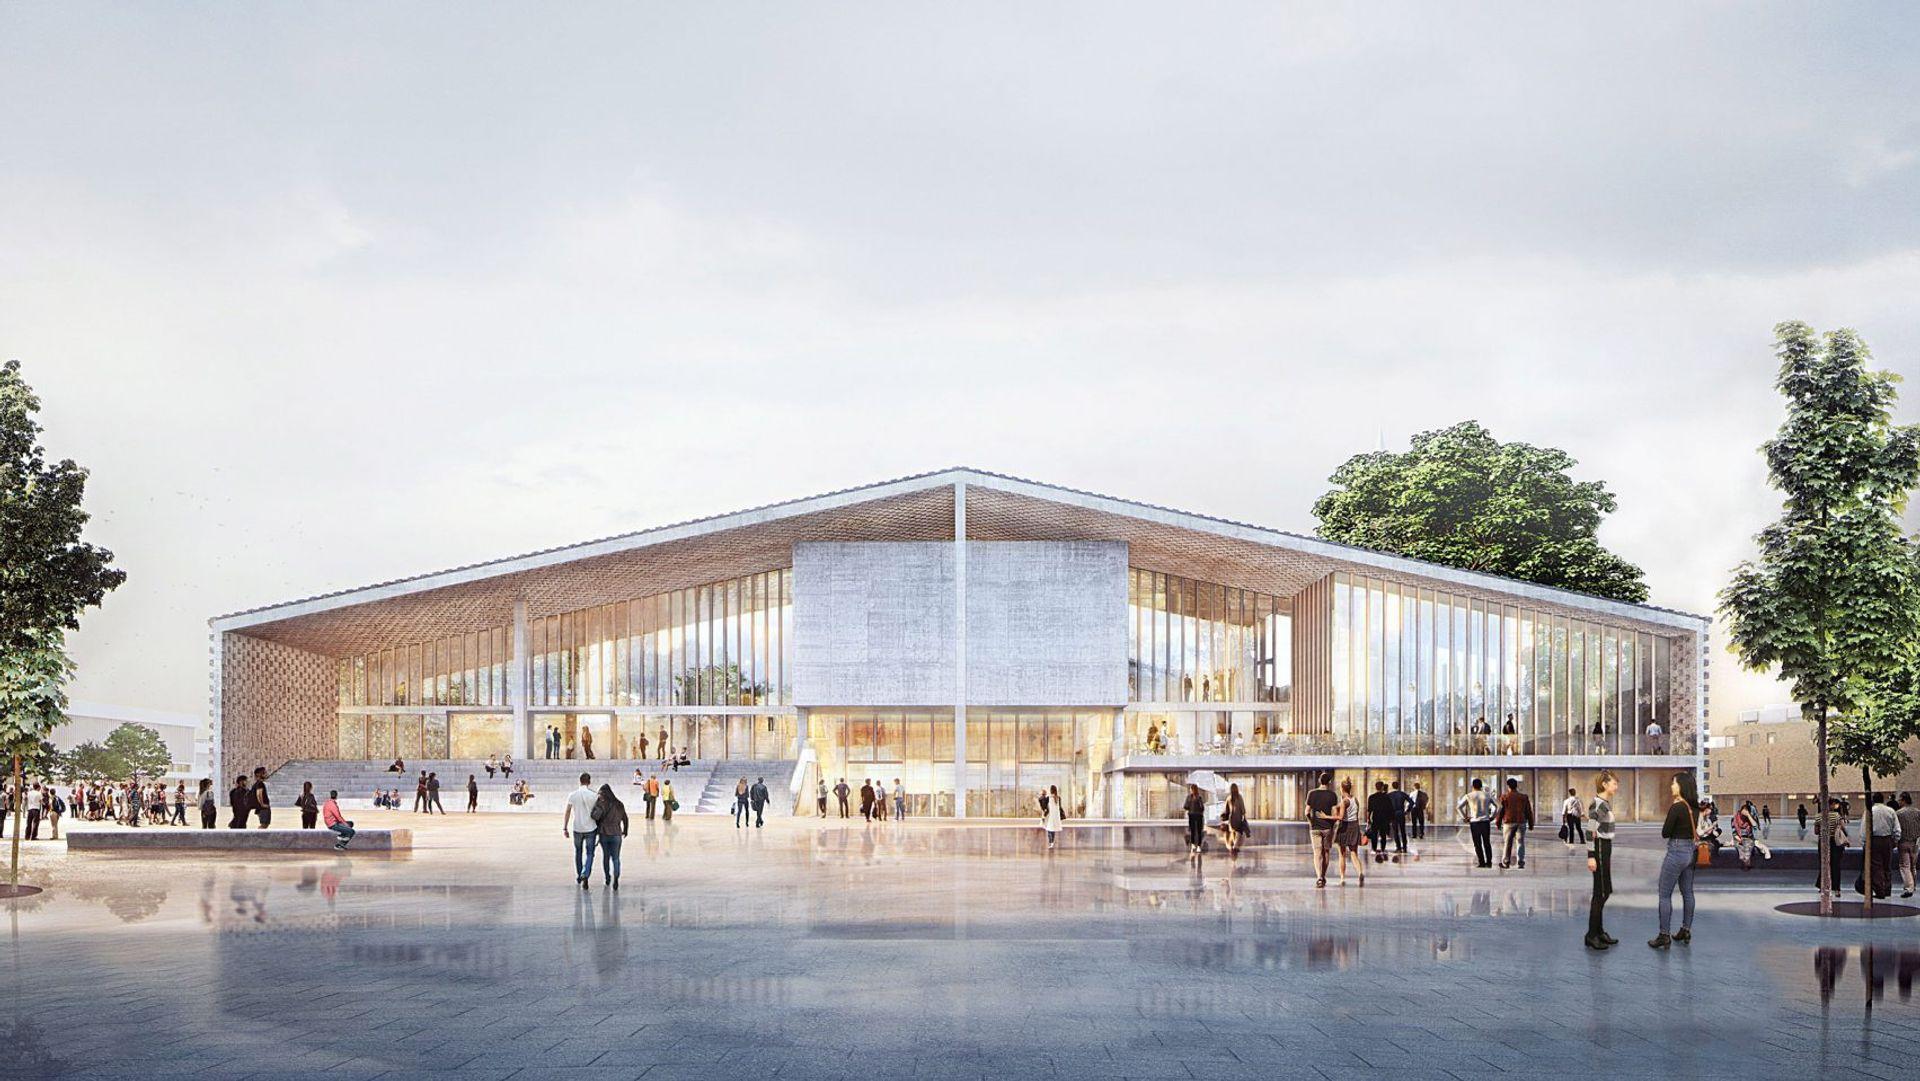 Herzog & de Meuron's revised plans for Museum of the 20th century in Berlin © Herzog & de Meuron